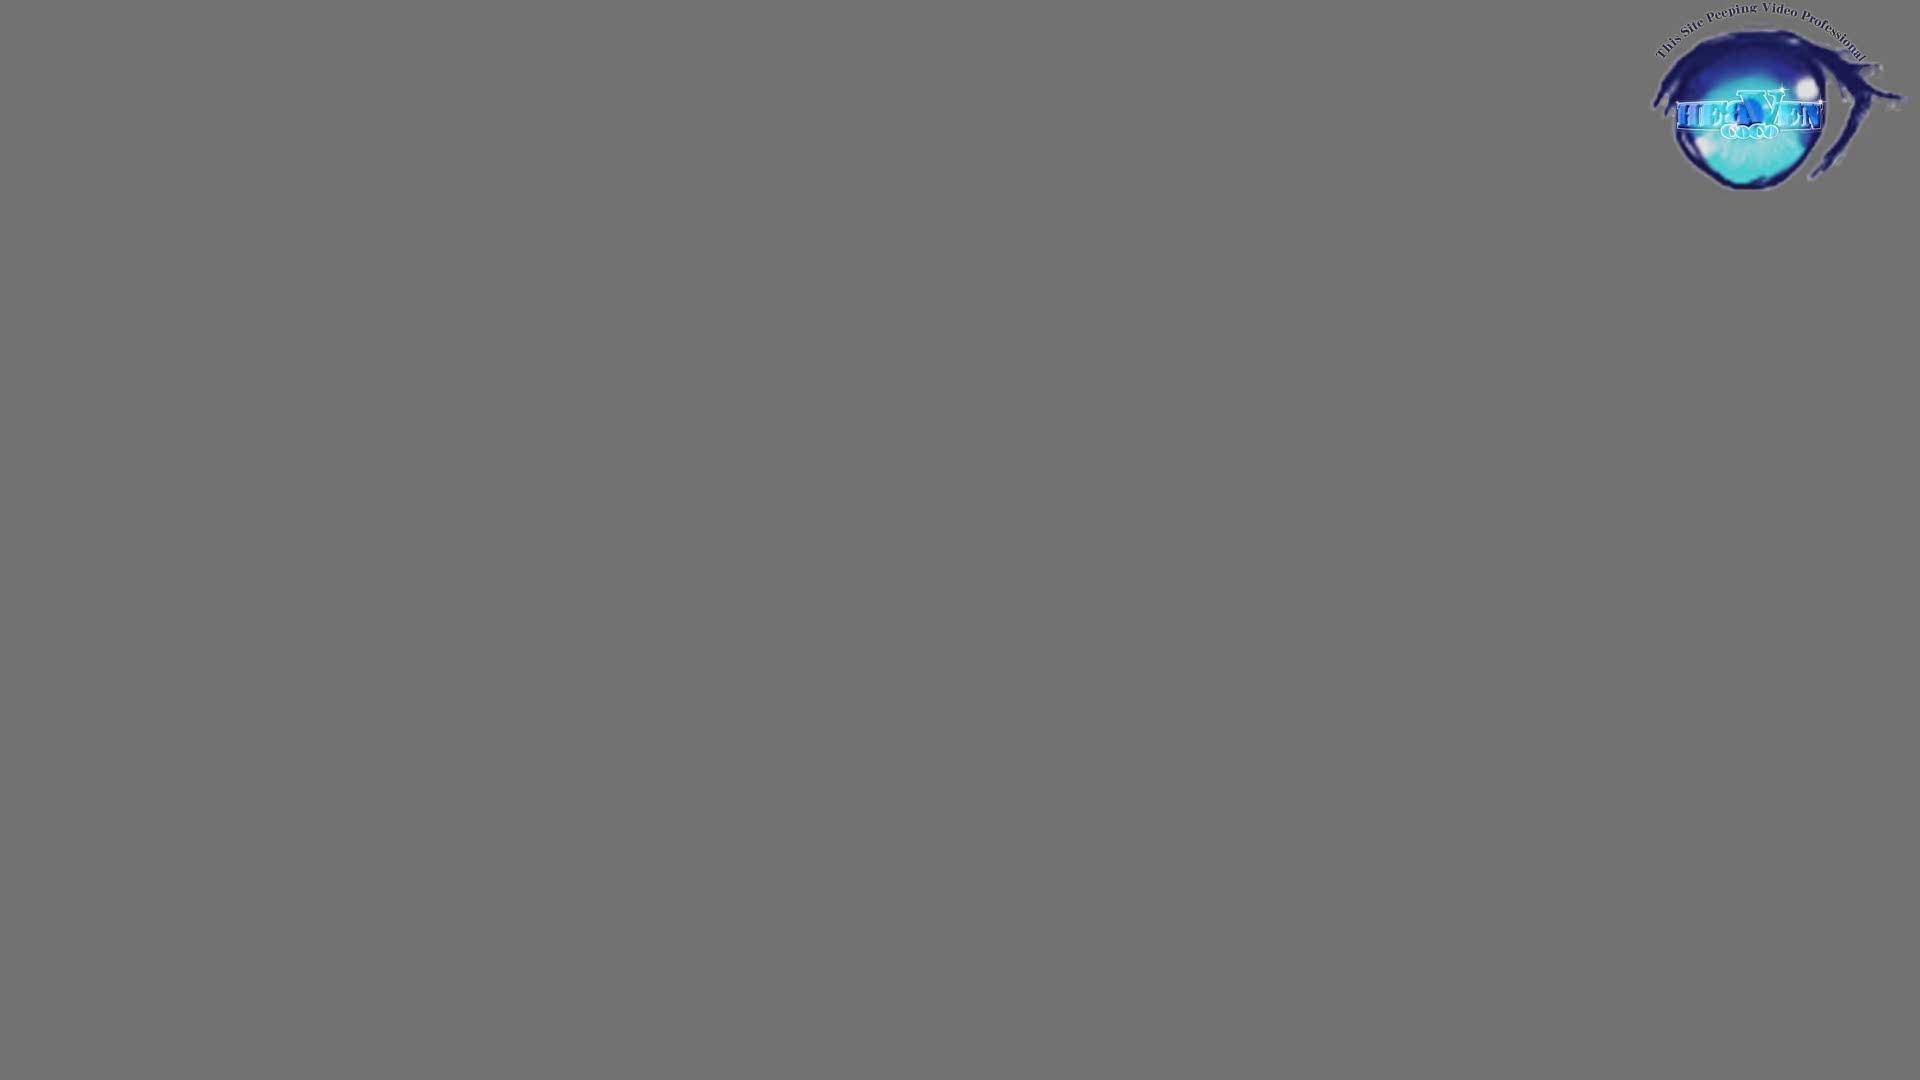 飛び出す黄金水!!!アトレ潜入 かわや盗撮 vol.08 盗撮師作品 隠し撮りオマンコ動画紹介 77pic 3